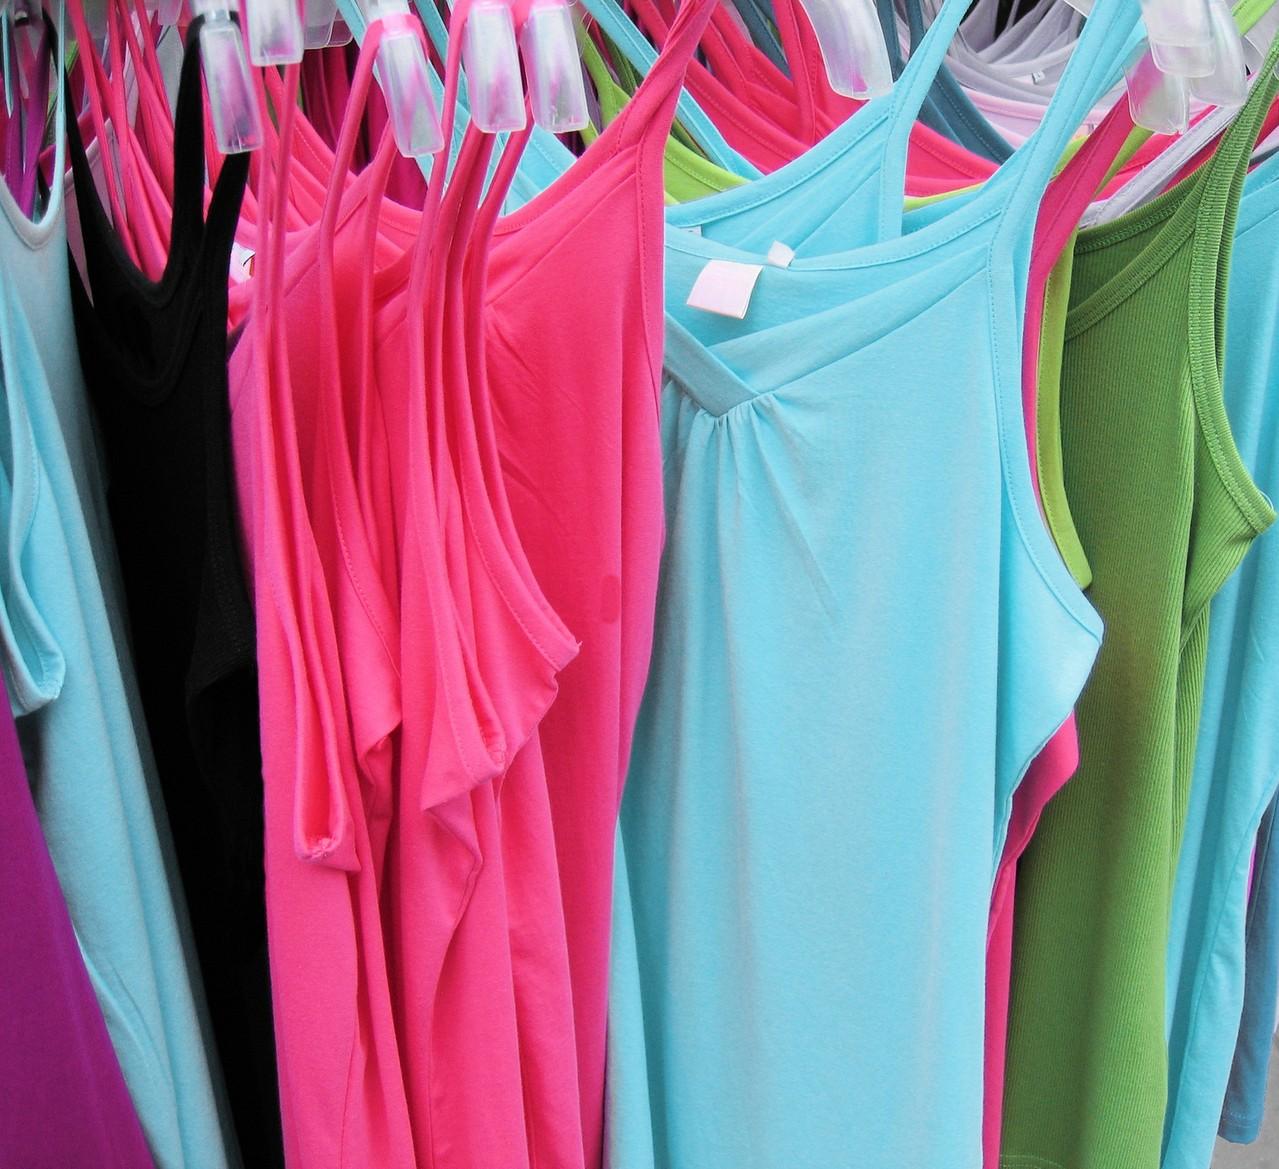 Bezpieczne ubrania z second-handów